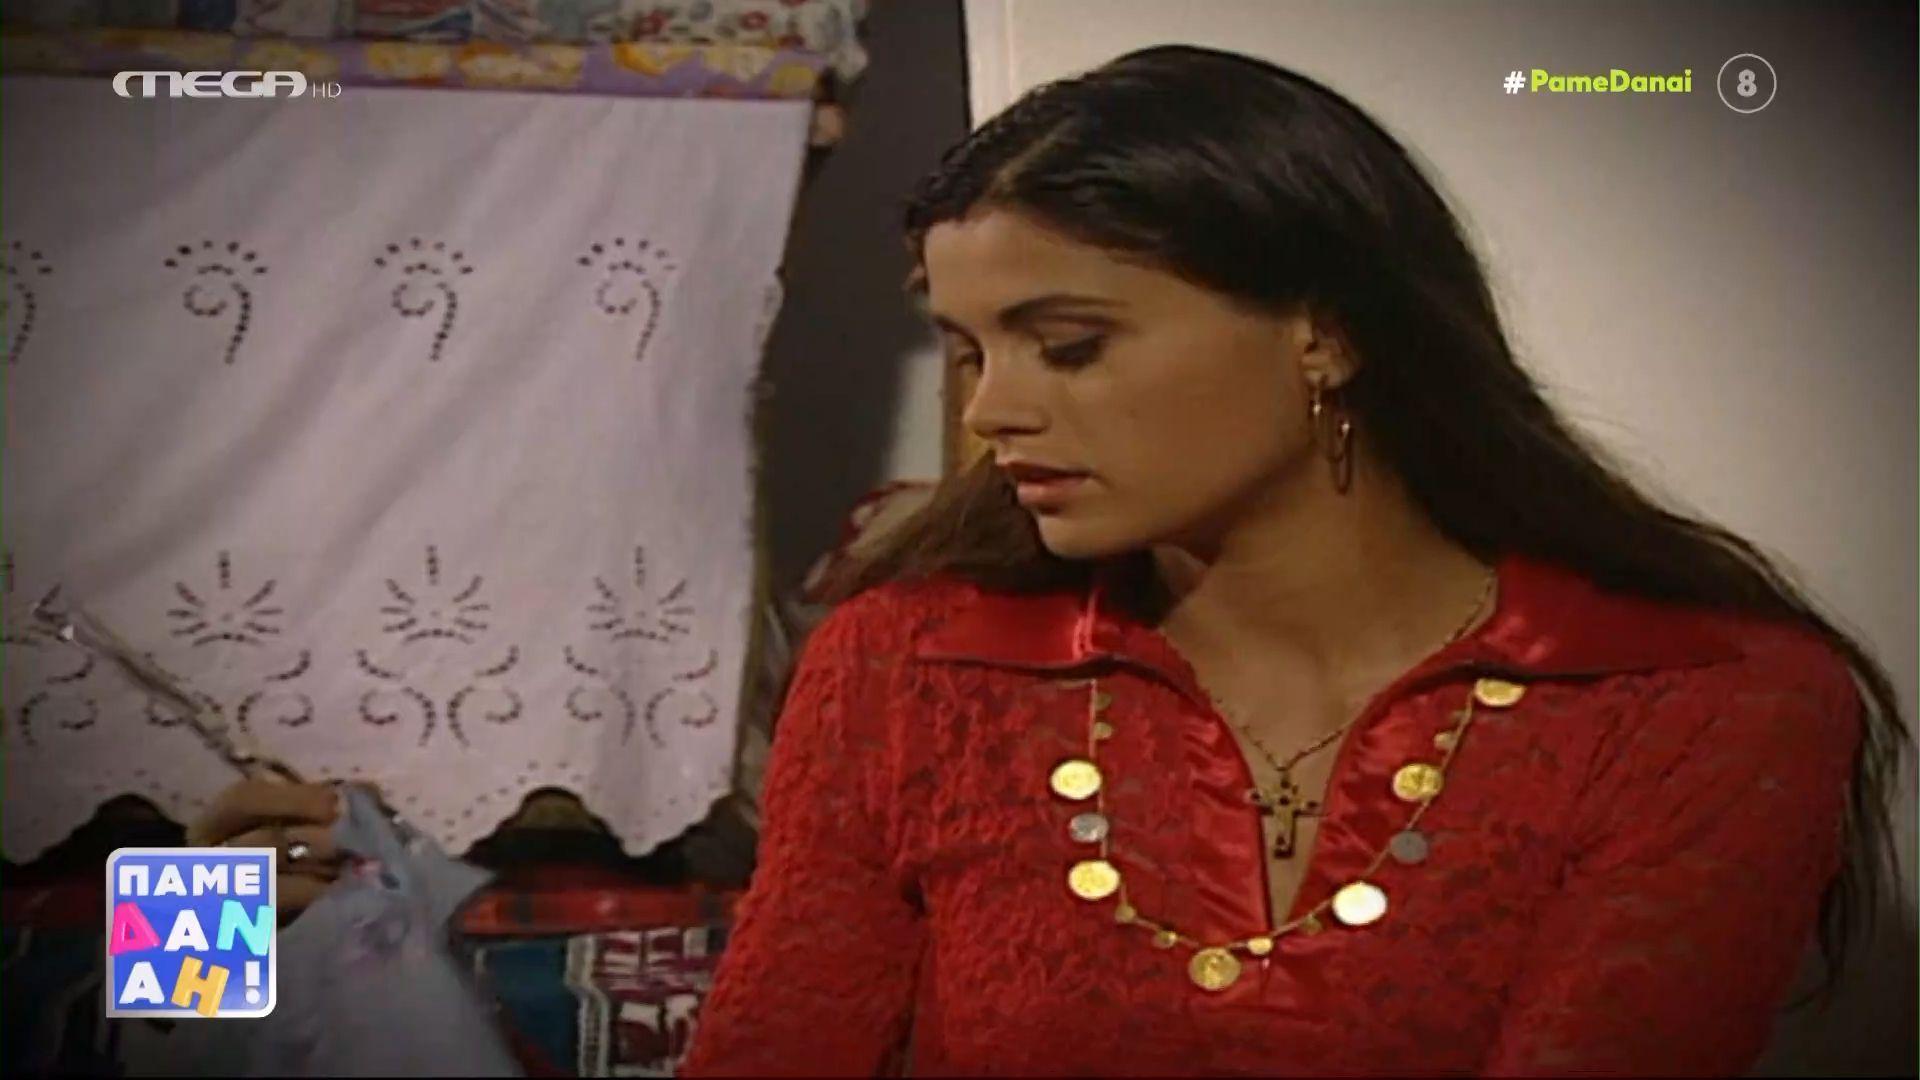 Η Άννα Μαρία Παπαχαραλάμπους διηγείται άγνωστες ιστορίες από τους «Ψίθυρους Καρδιάς» (VIDEO)